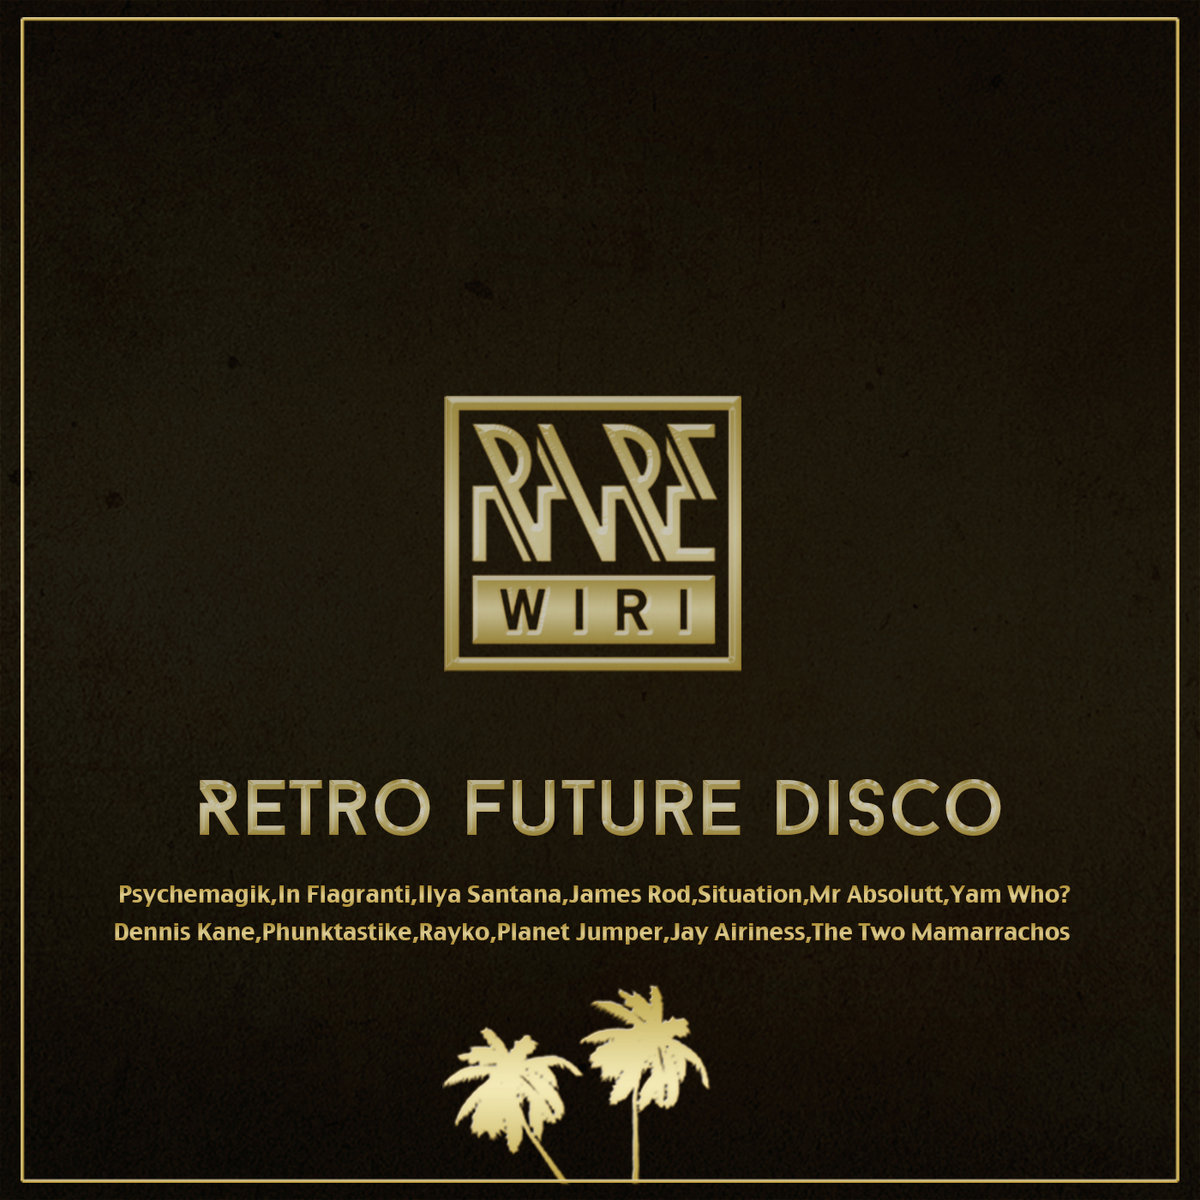 Retro Future Disco | Rare Wiri Records